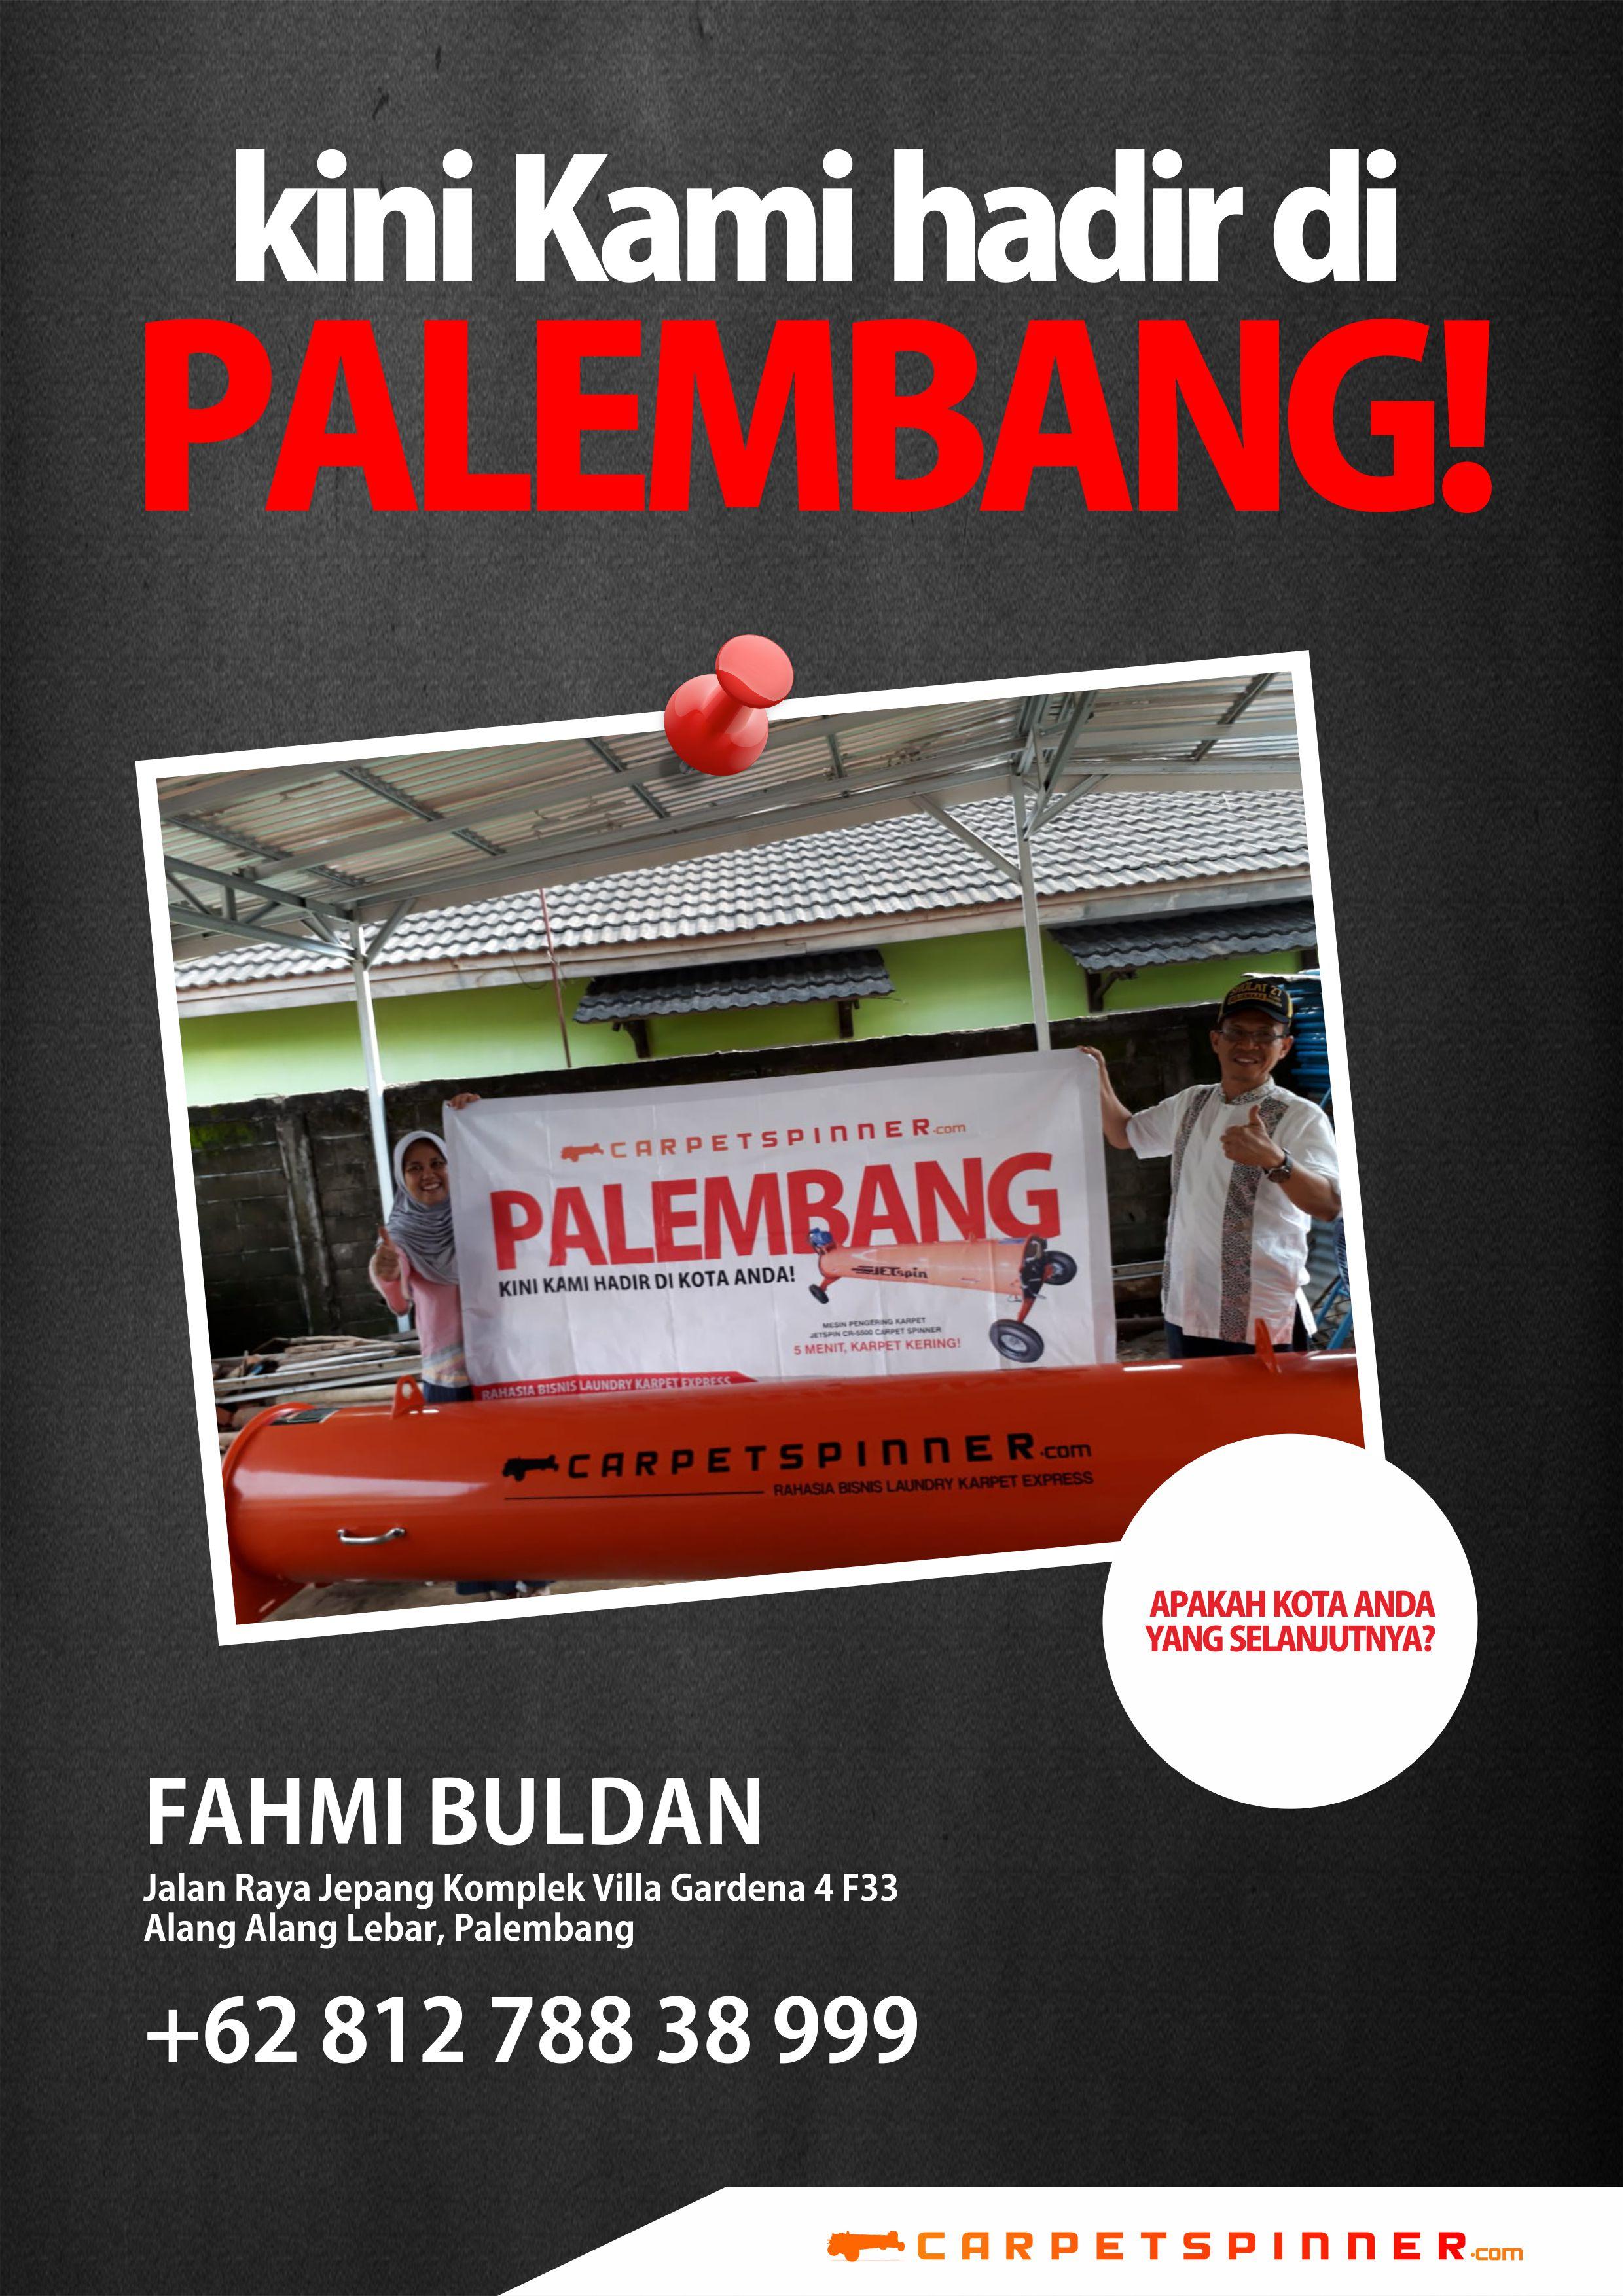 Perwakilan Resmi www.carpetspinner.com Palembang